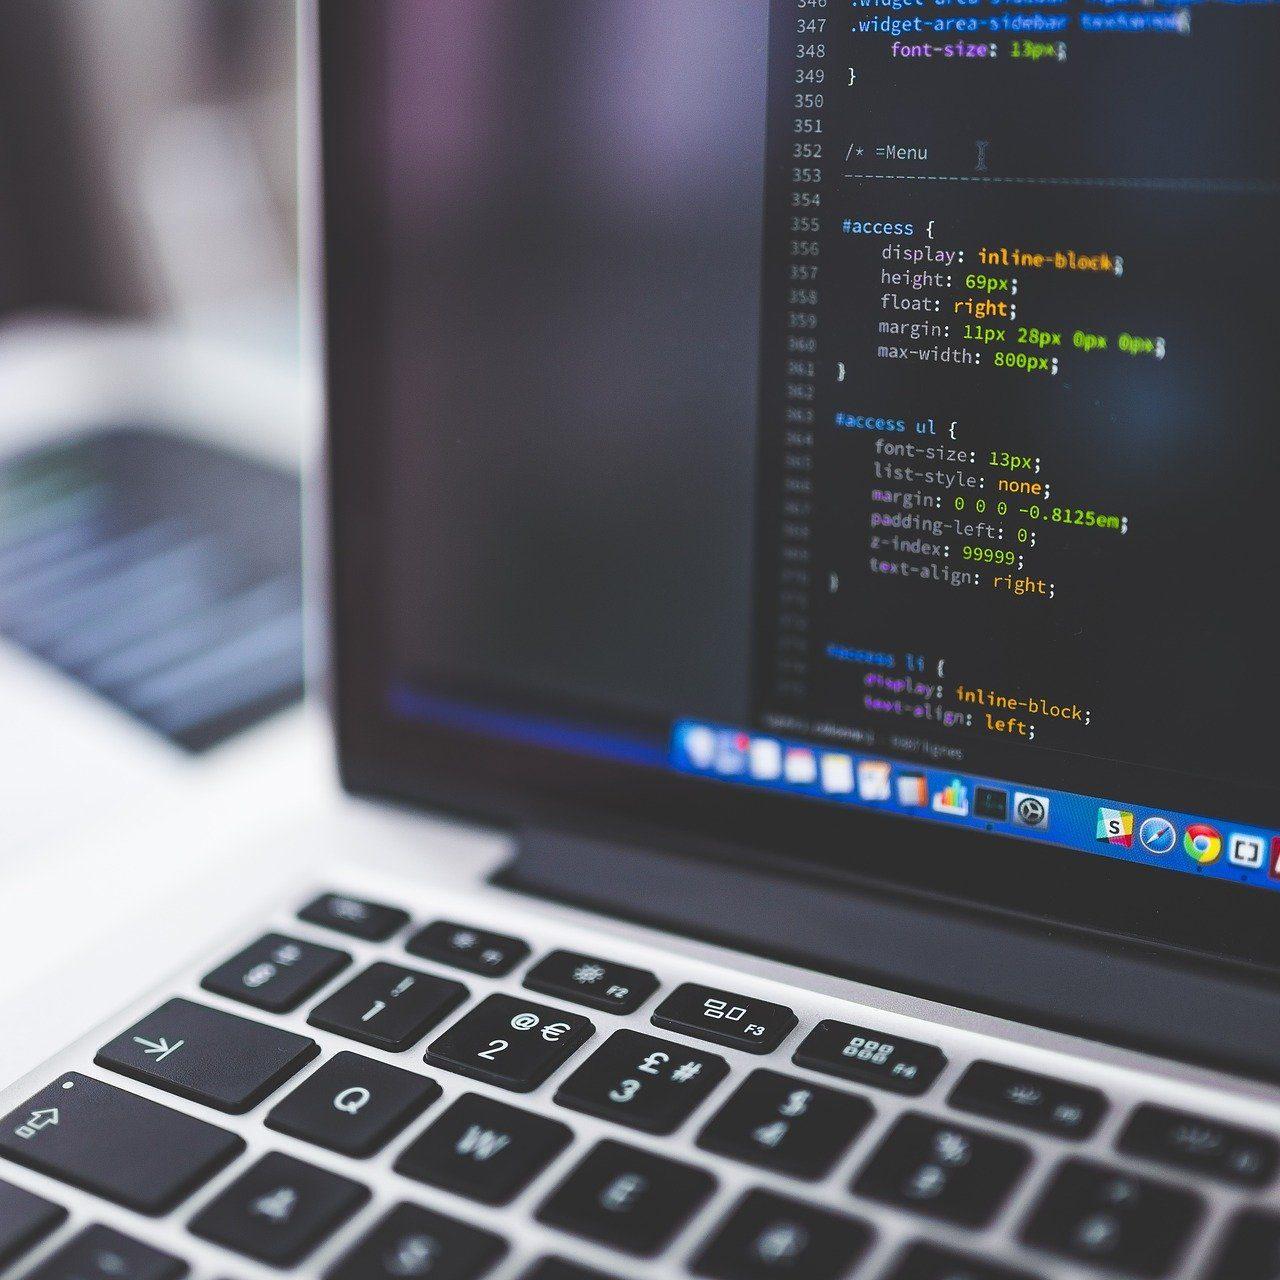 Ordinateur pour la formation ou le développement Web, VBA, HTML, CSS, PHP, Mysql